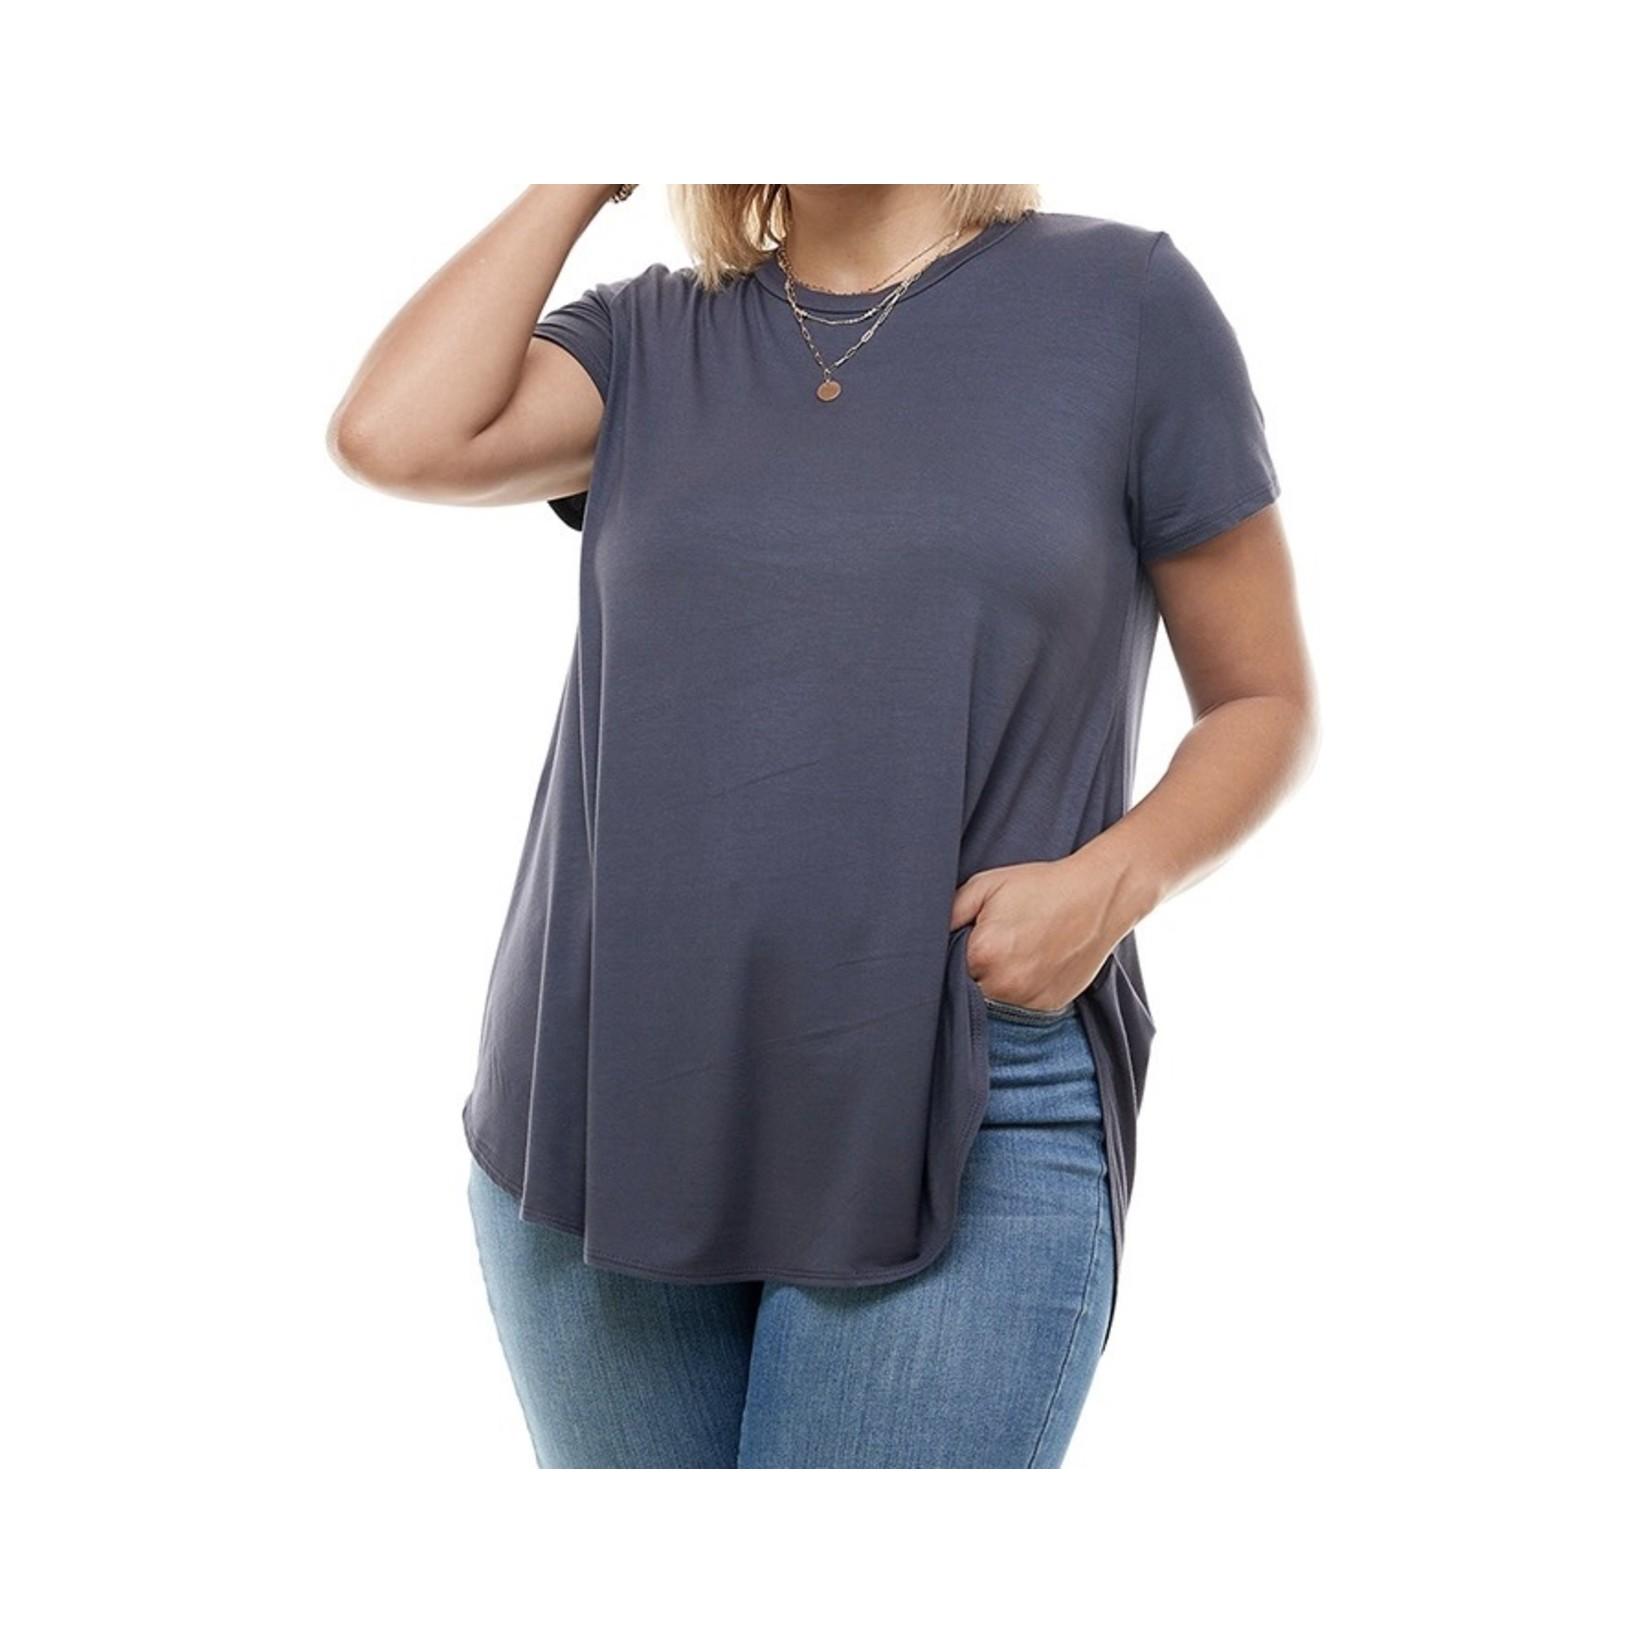 Azules PS: Loose Cut Short Sleeve Top